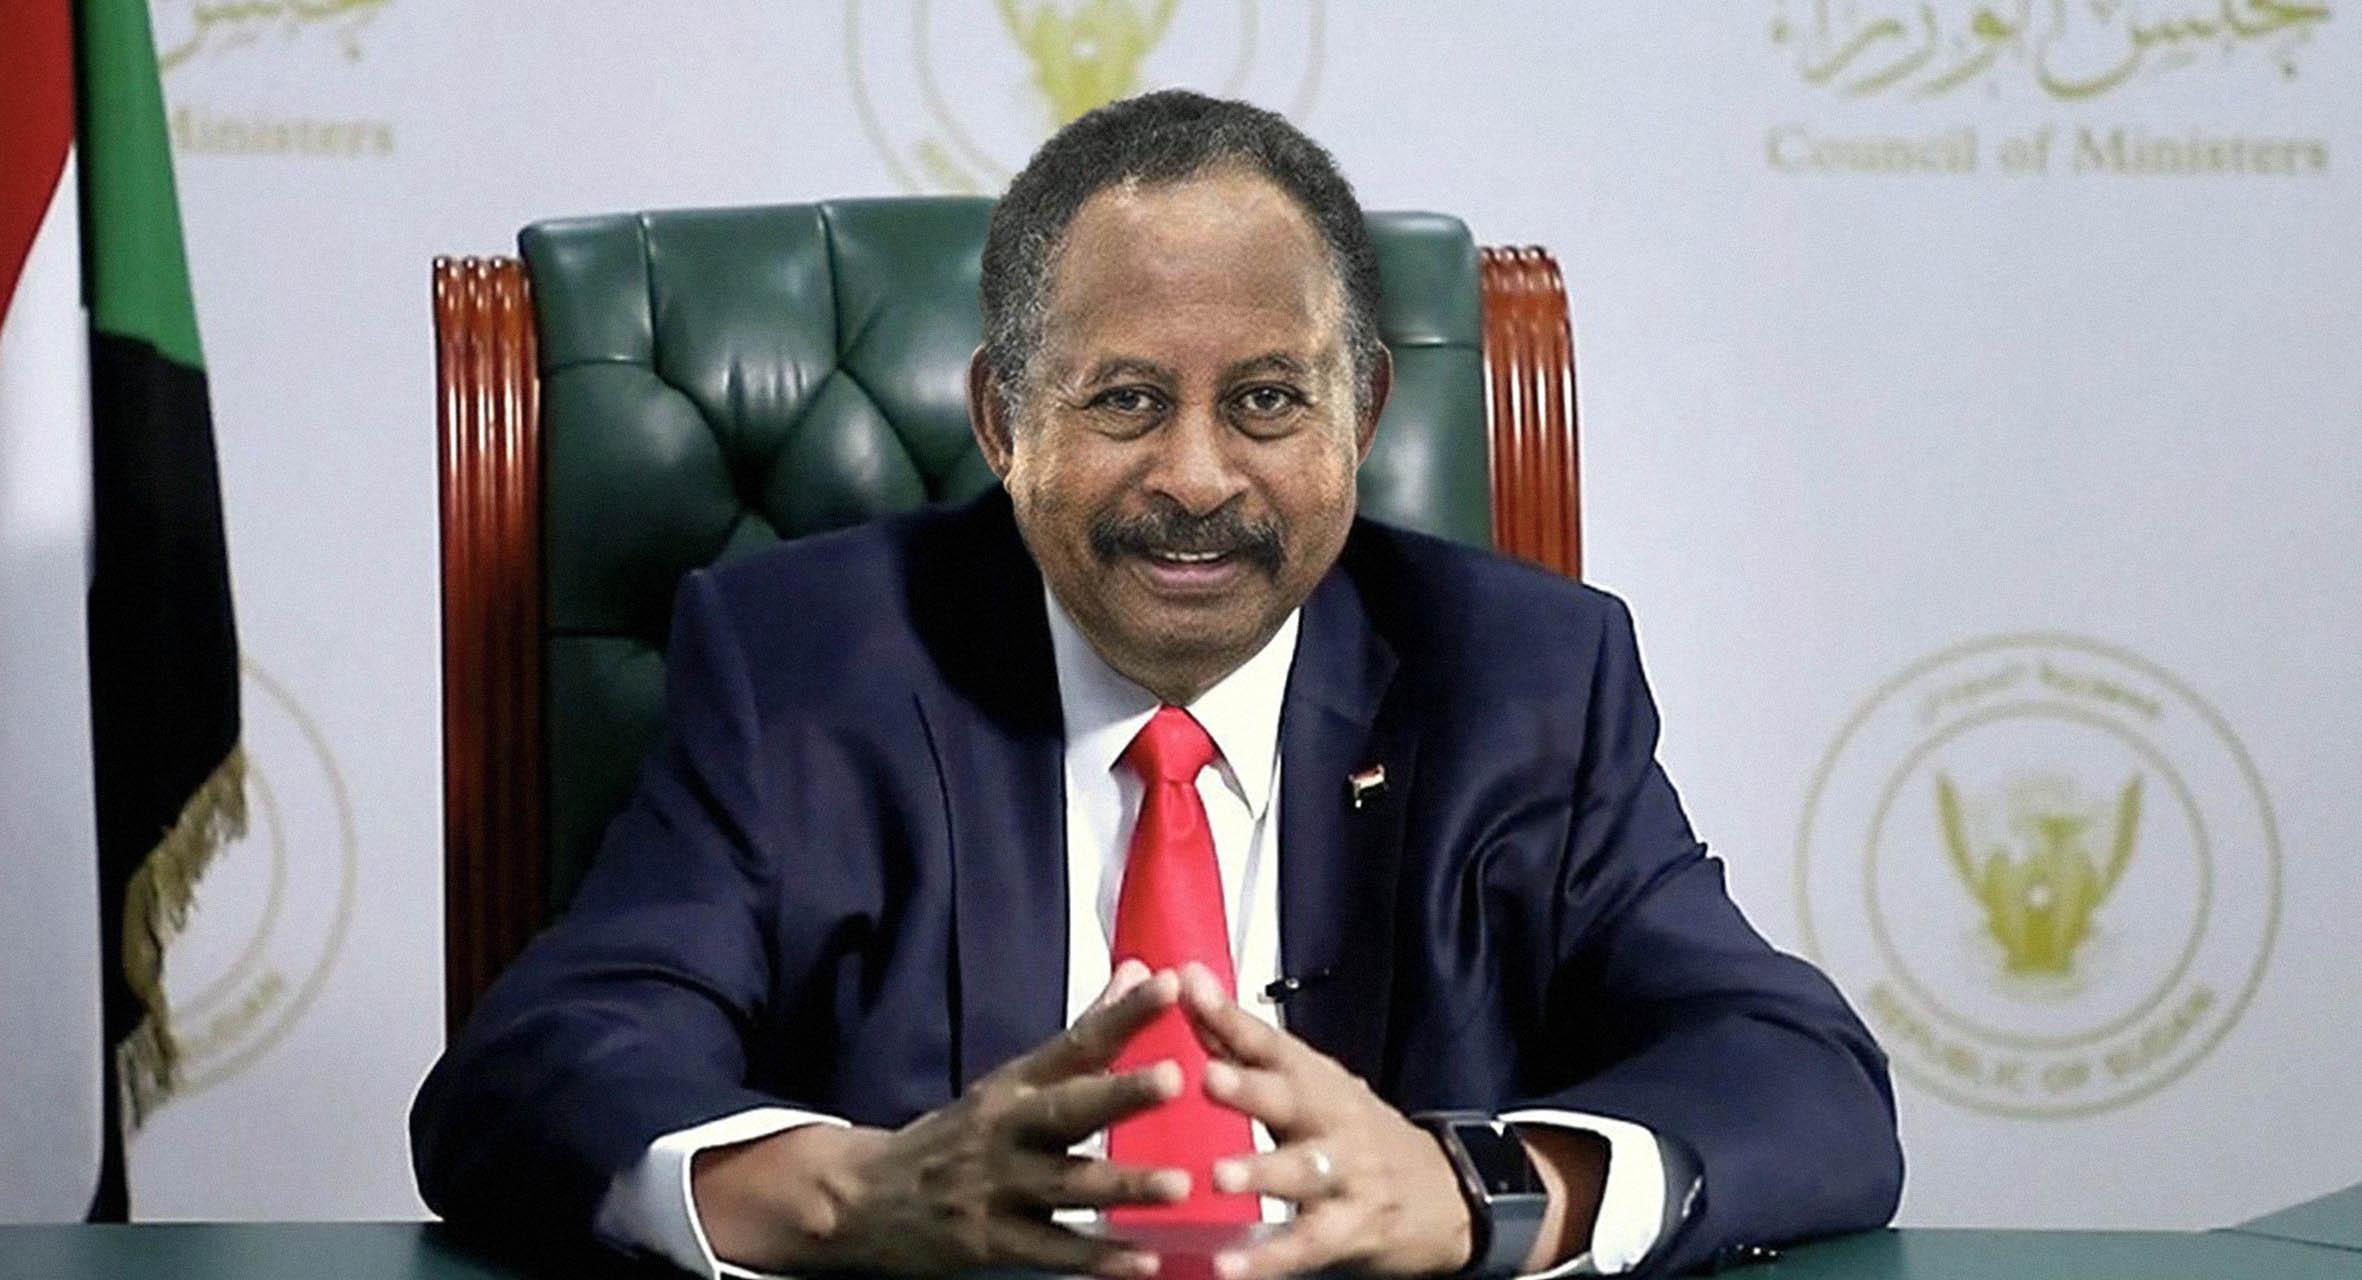 صورة رئيس الحكومة السوداني يشكّل حكومة انتقالية جديدة قادرة على تشكيل الحكومة الانتقالية التي ستليها بشكل أفضل